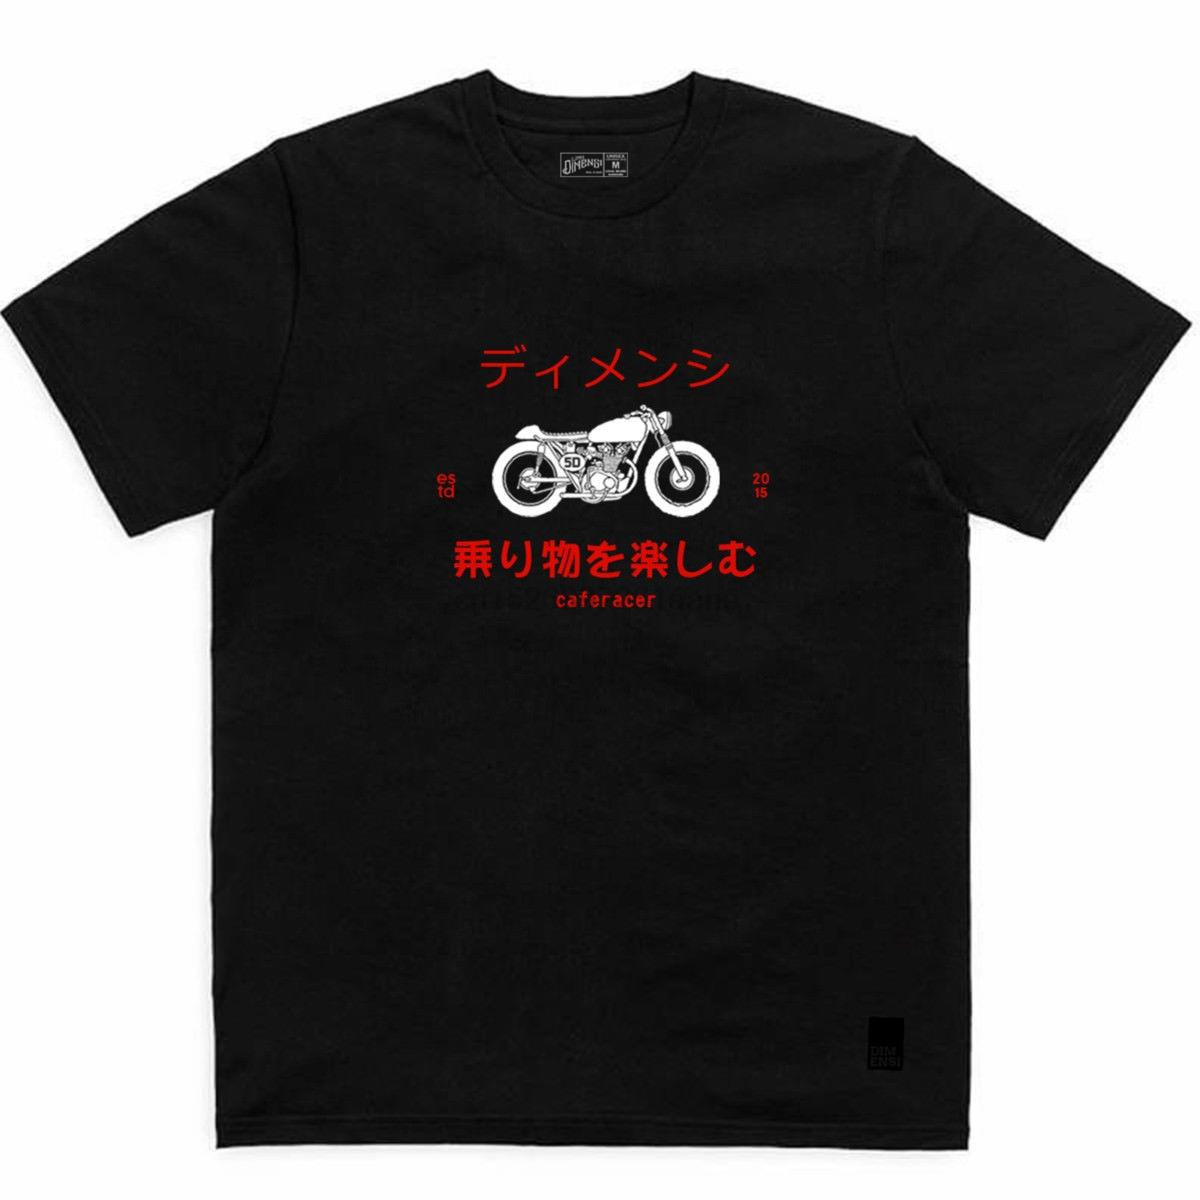 2019 Новые мужские футболки New Caferacer T-Shirt Black By Lima Dimensi - Японские шрифты - Cafe Racer Печать Круглый шеи Человек